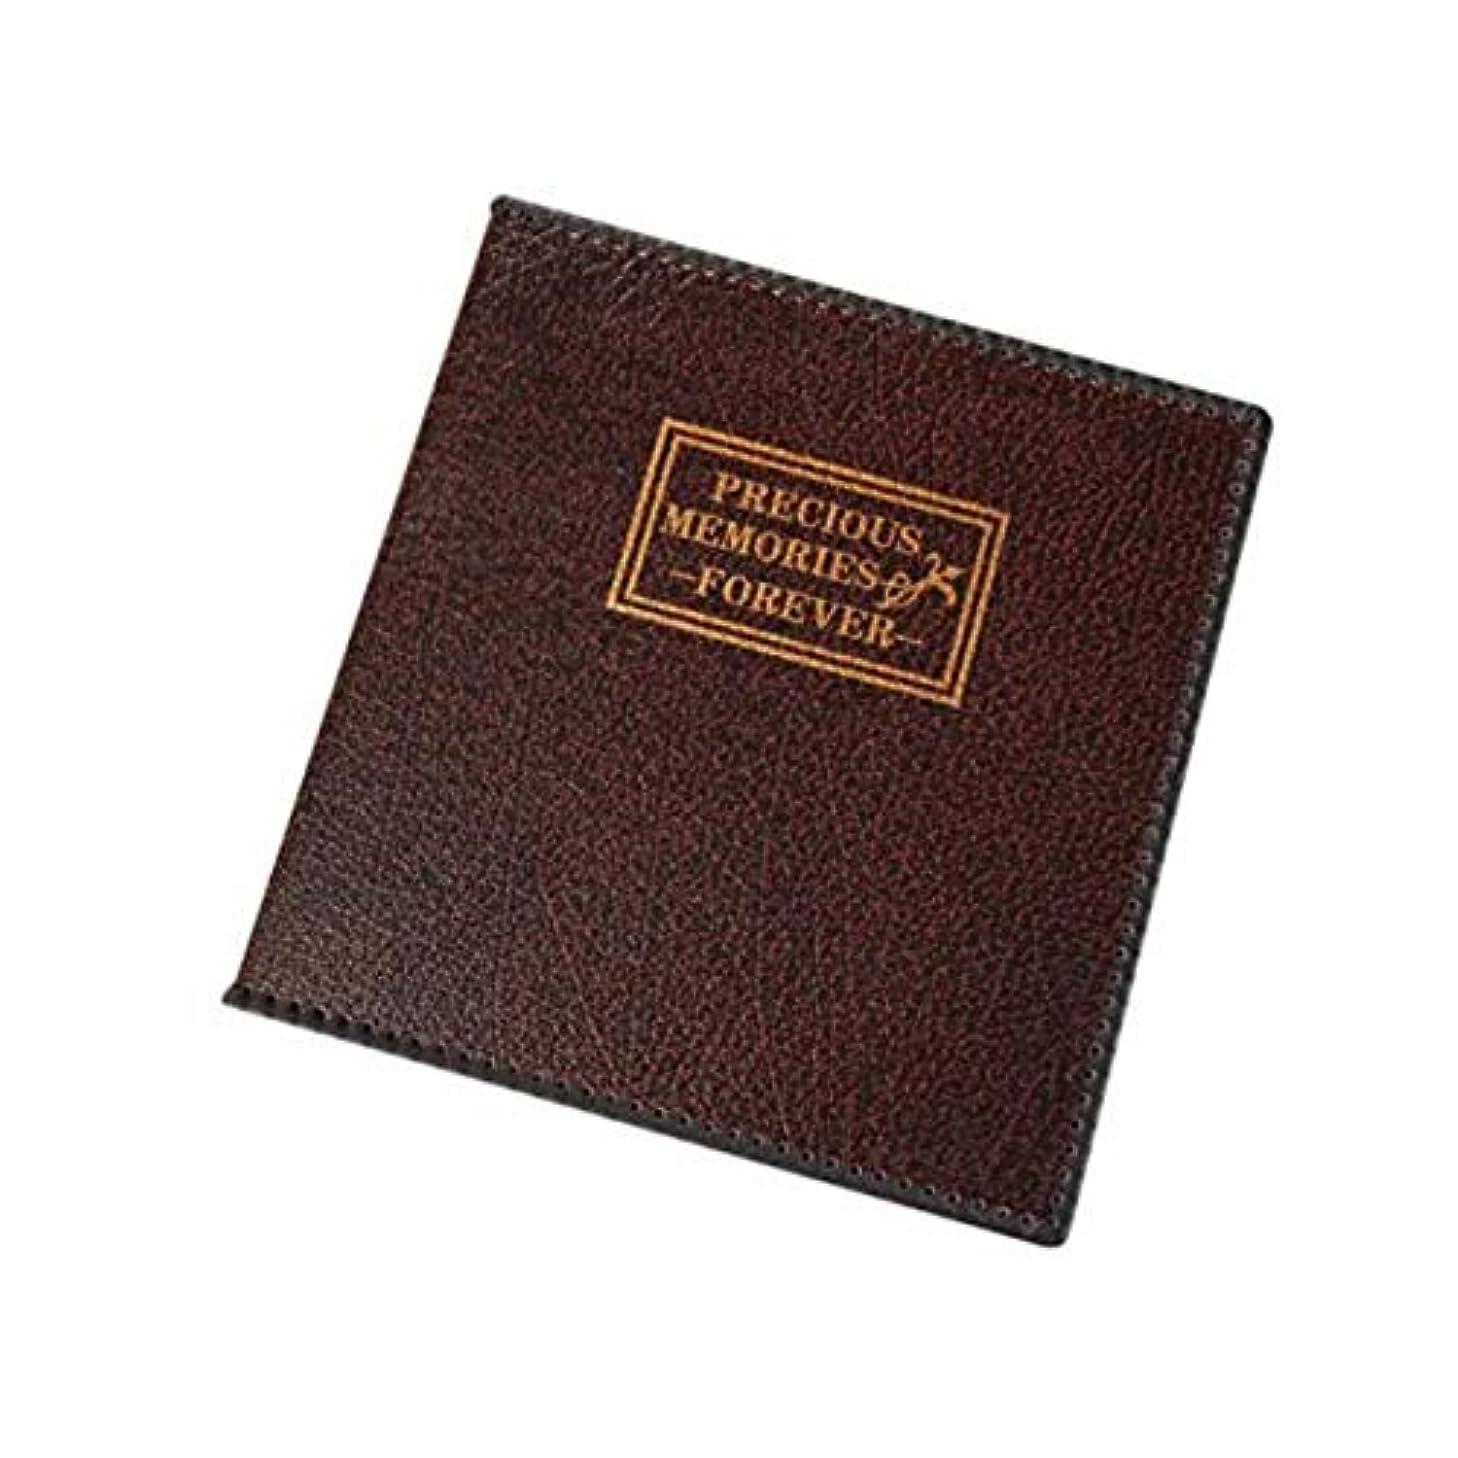 発掘するそんなに大宇宙GYHS アルバムアルバムPUレザーフォトアルバム1?12インチの大容量貼り付け型ラミネートアルバムアルバム結婚アルバム35 * 34.5 * 5センチメートル (Color : Brown, Size : 35*34.5*5cm)